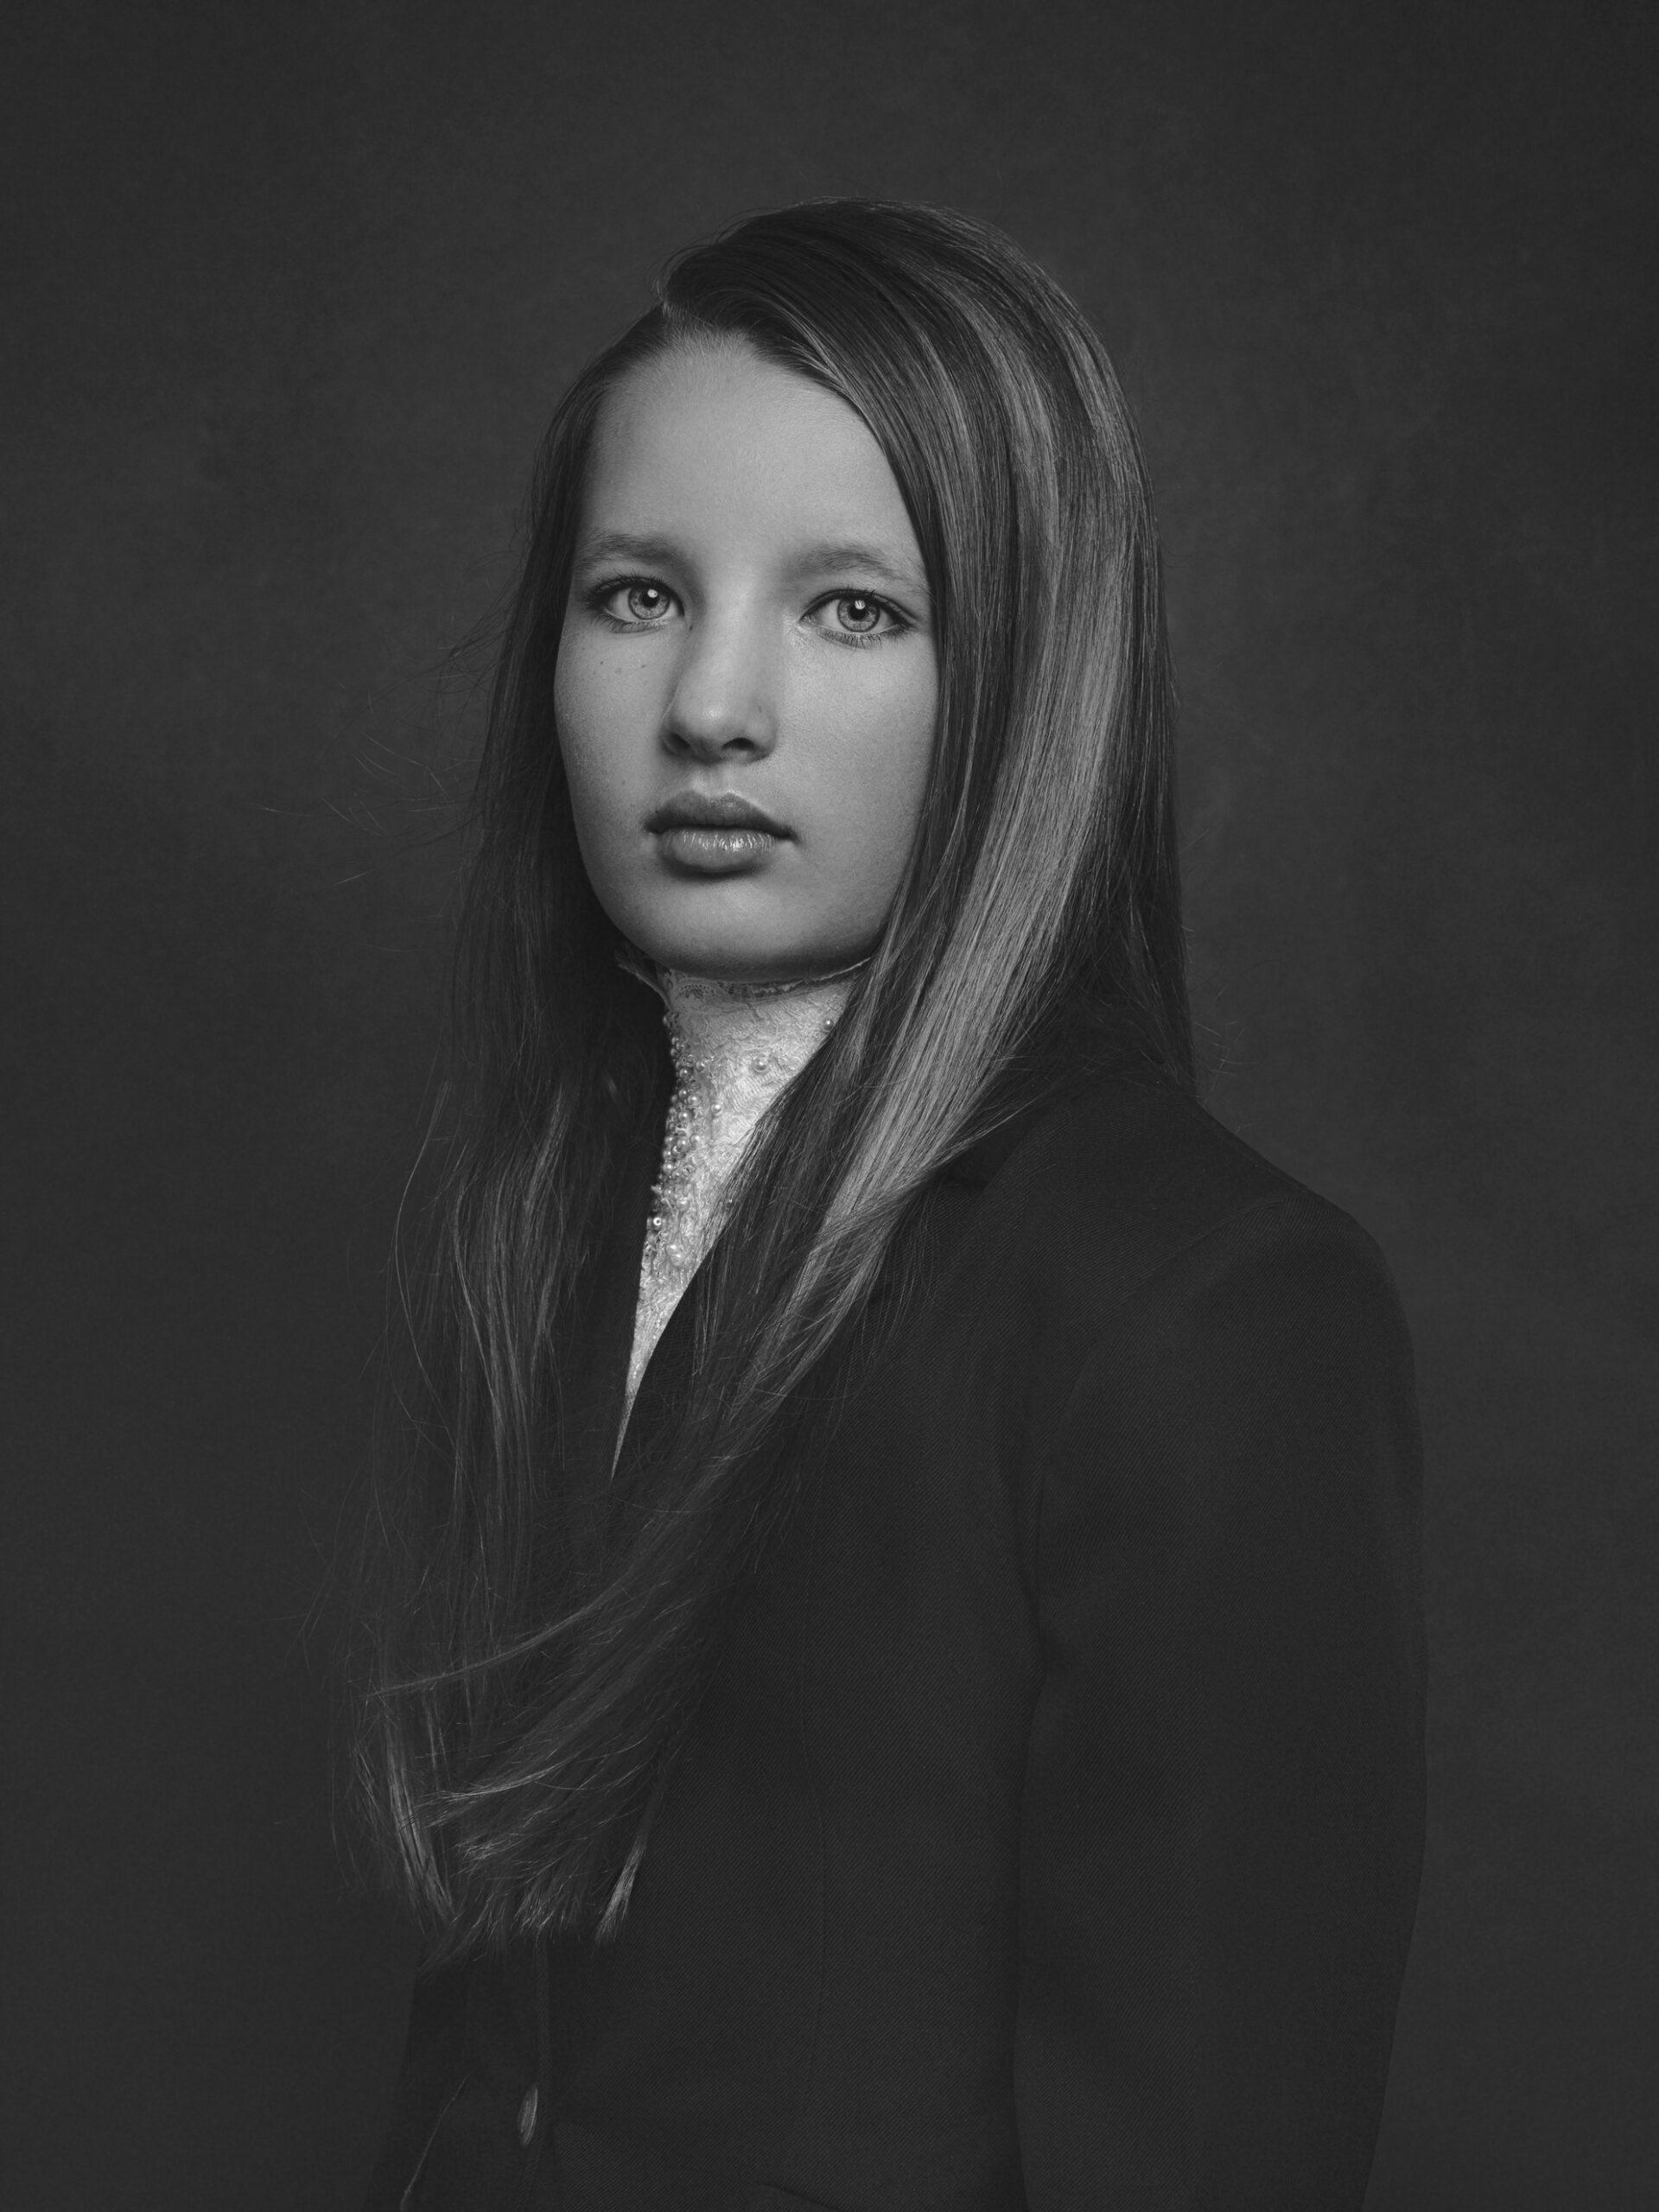 Børnefotograf Jette Schrum